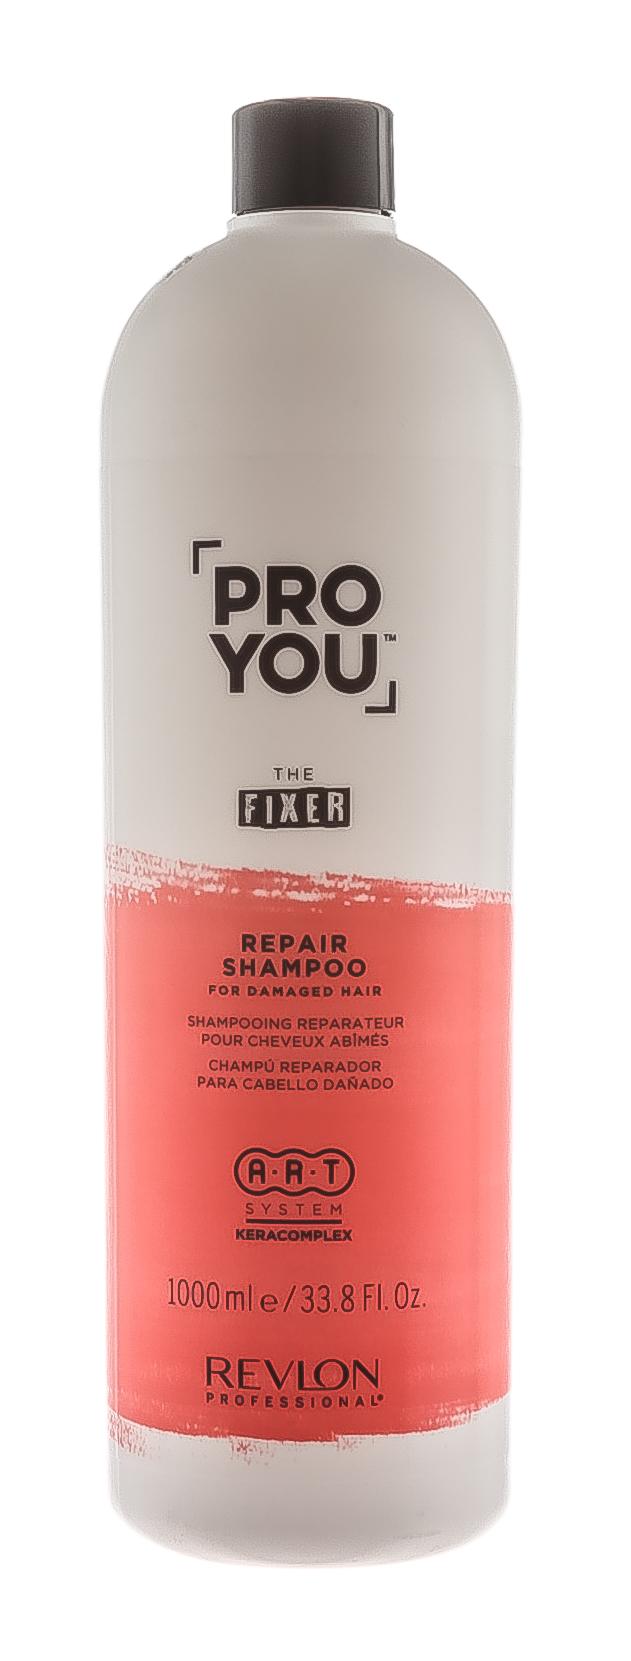 Купить Revlon Professional Шампунь восстанавливающий для поврежденных волос Repair Shampoo, 1000 мл (Revlon Professional, Pro You), США